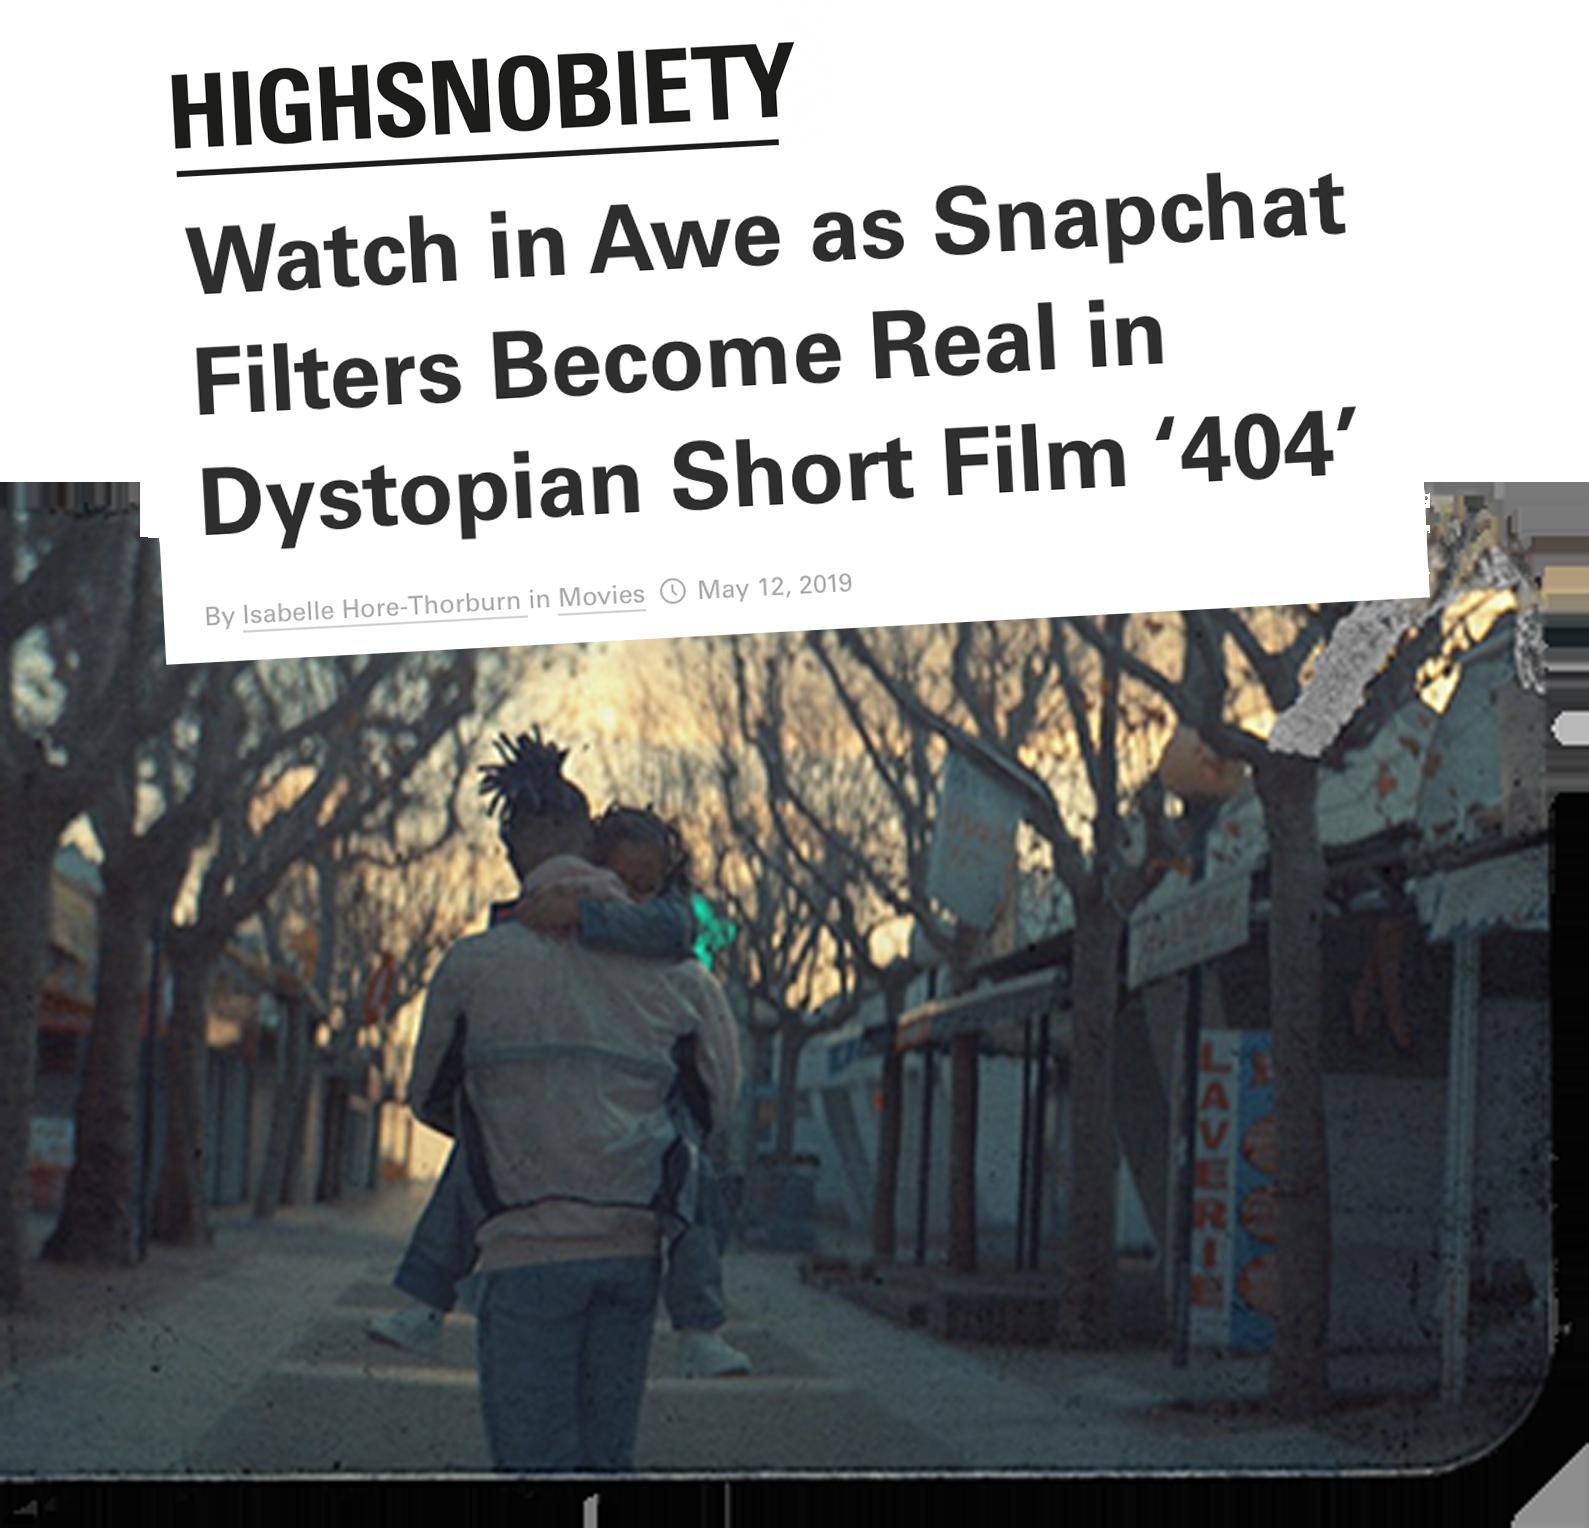 HIGHSNOBIETY 404